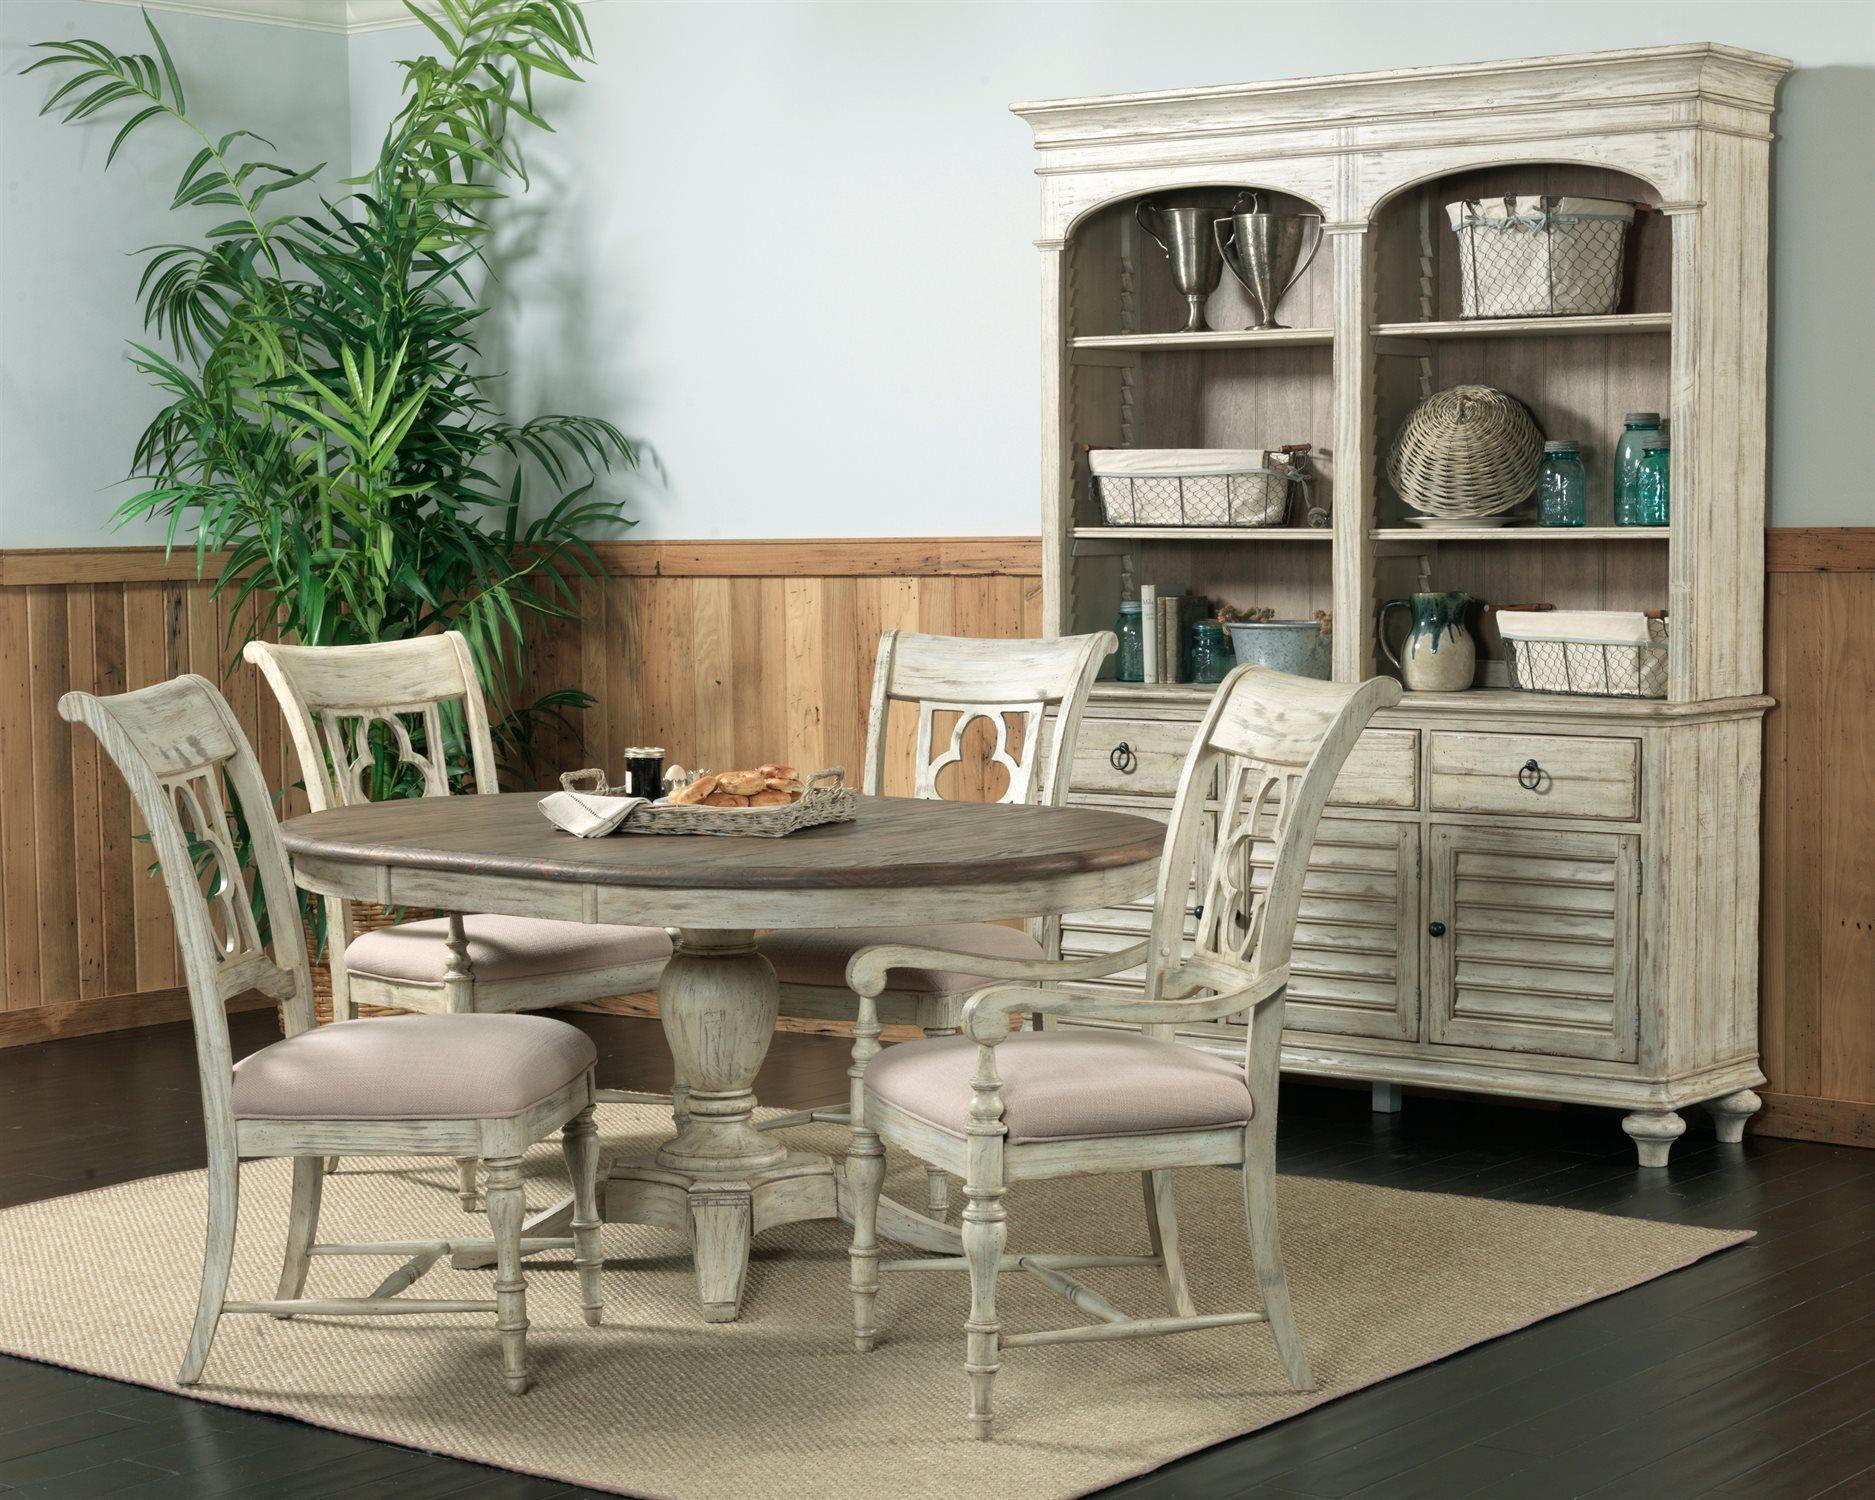 Kincaid Weatherford Cornsilk Dining Set Ki75052tset2 Round Dining Table Sets Round Dining Table Dining Table